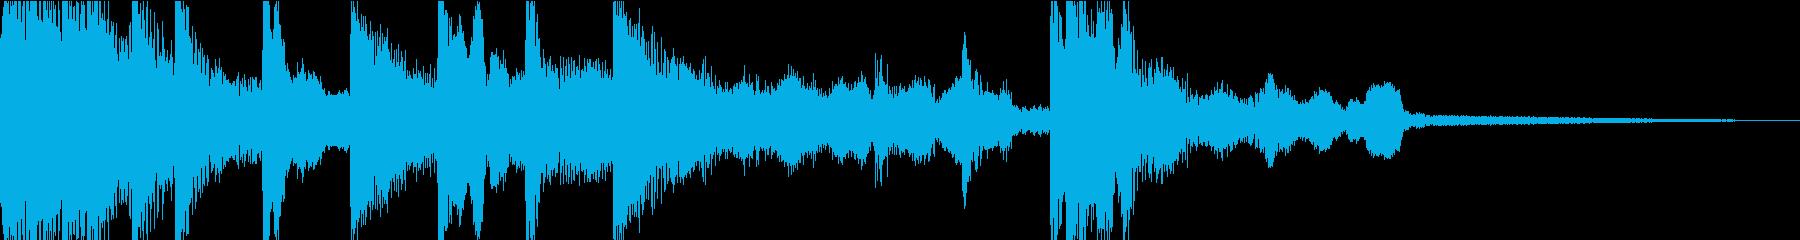 琴と尺八の和風な音のジングルの再生済みの波形